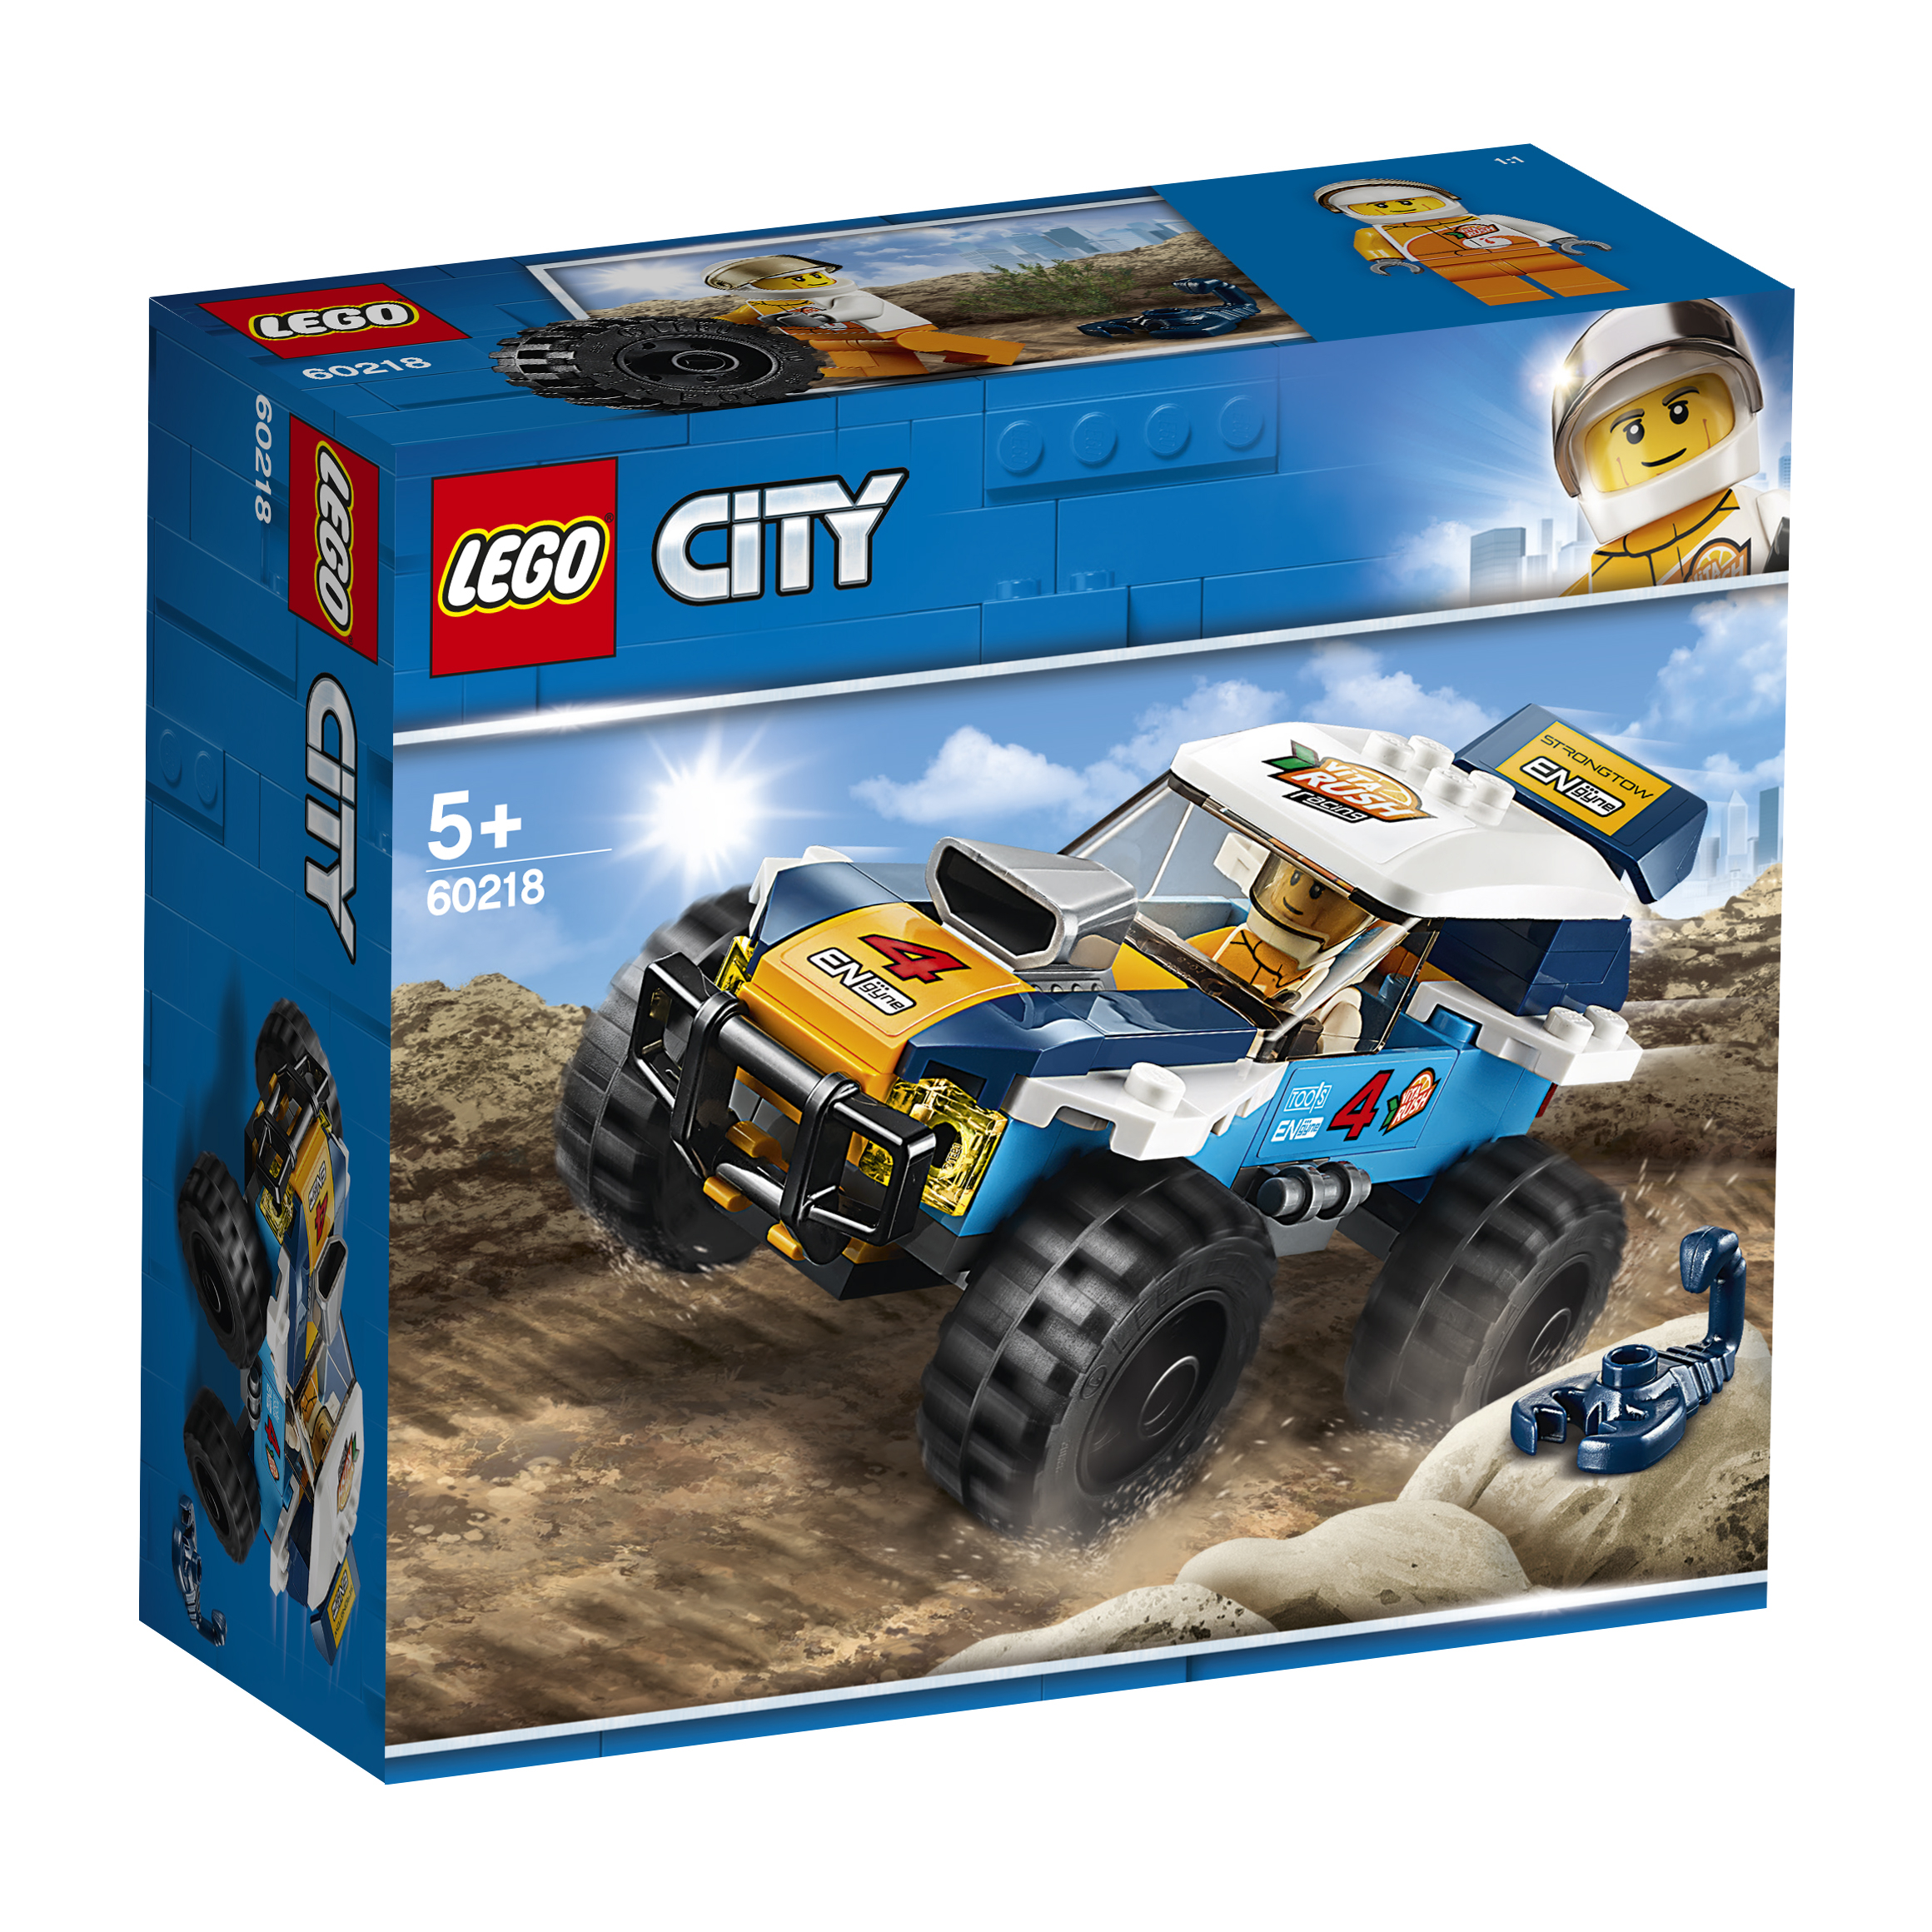 LEGO LEGO City Great Vehicles 60218 «Участник гонки в пустыне» lego city 60218 конструктор лего город транспорт участник гонки в пустыне